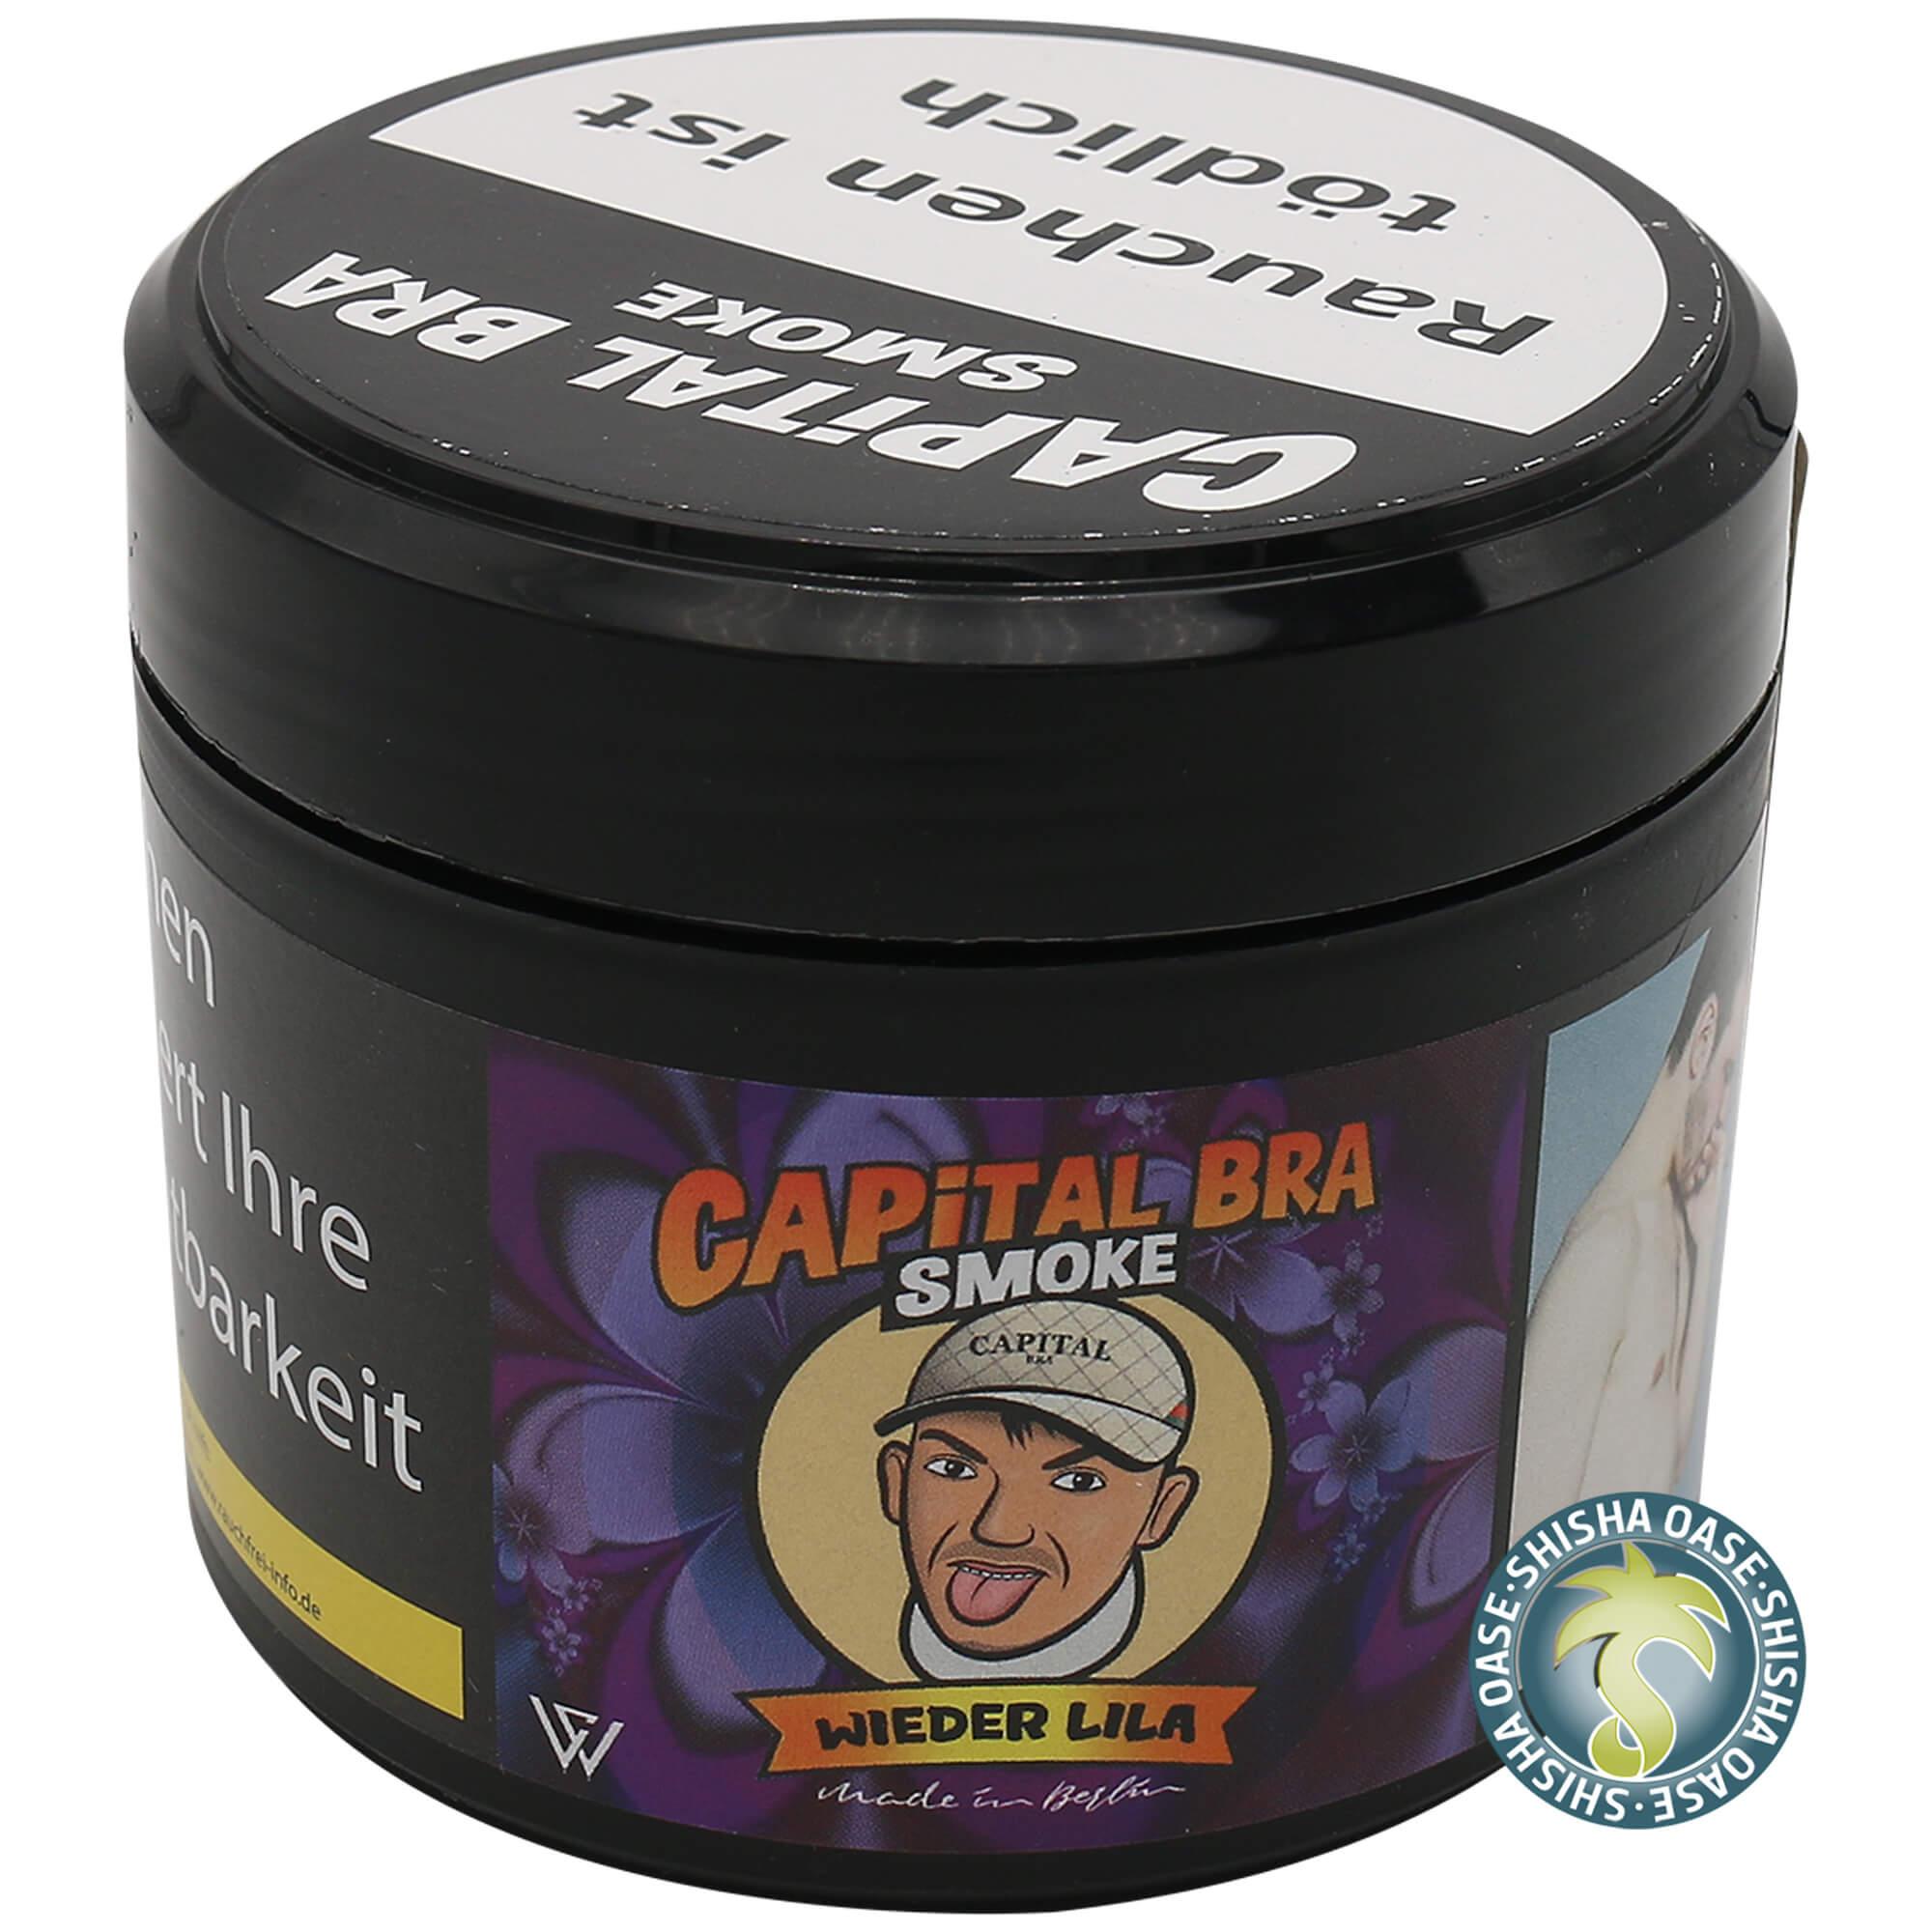 Capital Bra Tabak | Wieder Lila 200g